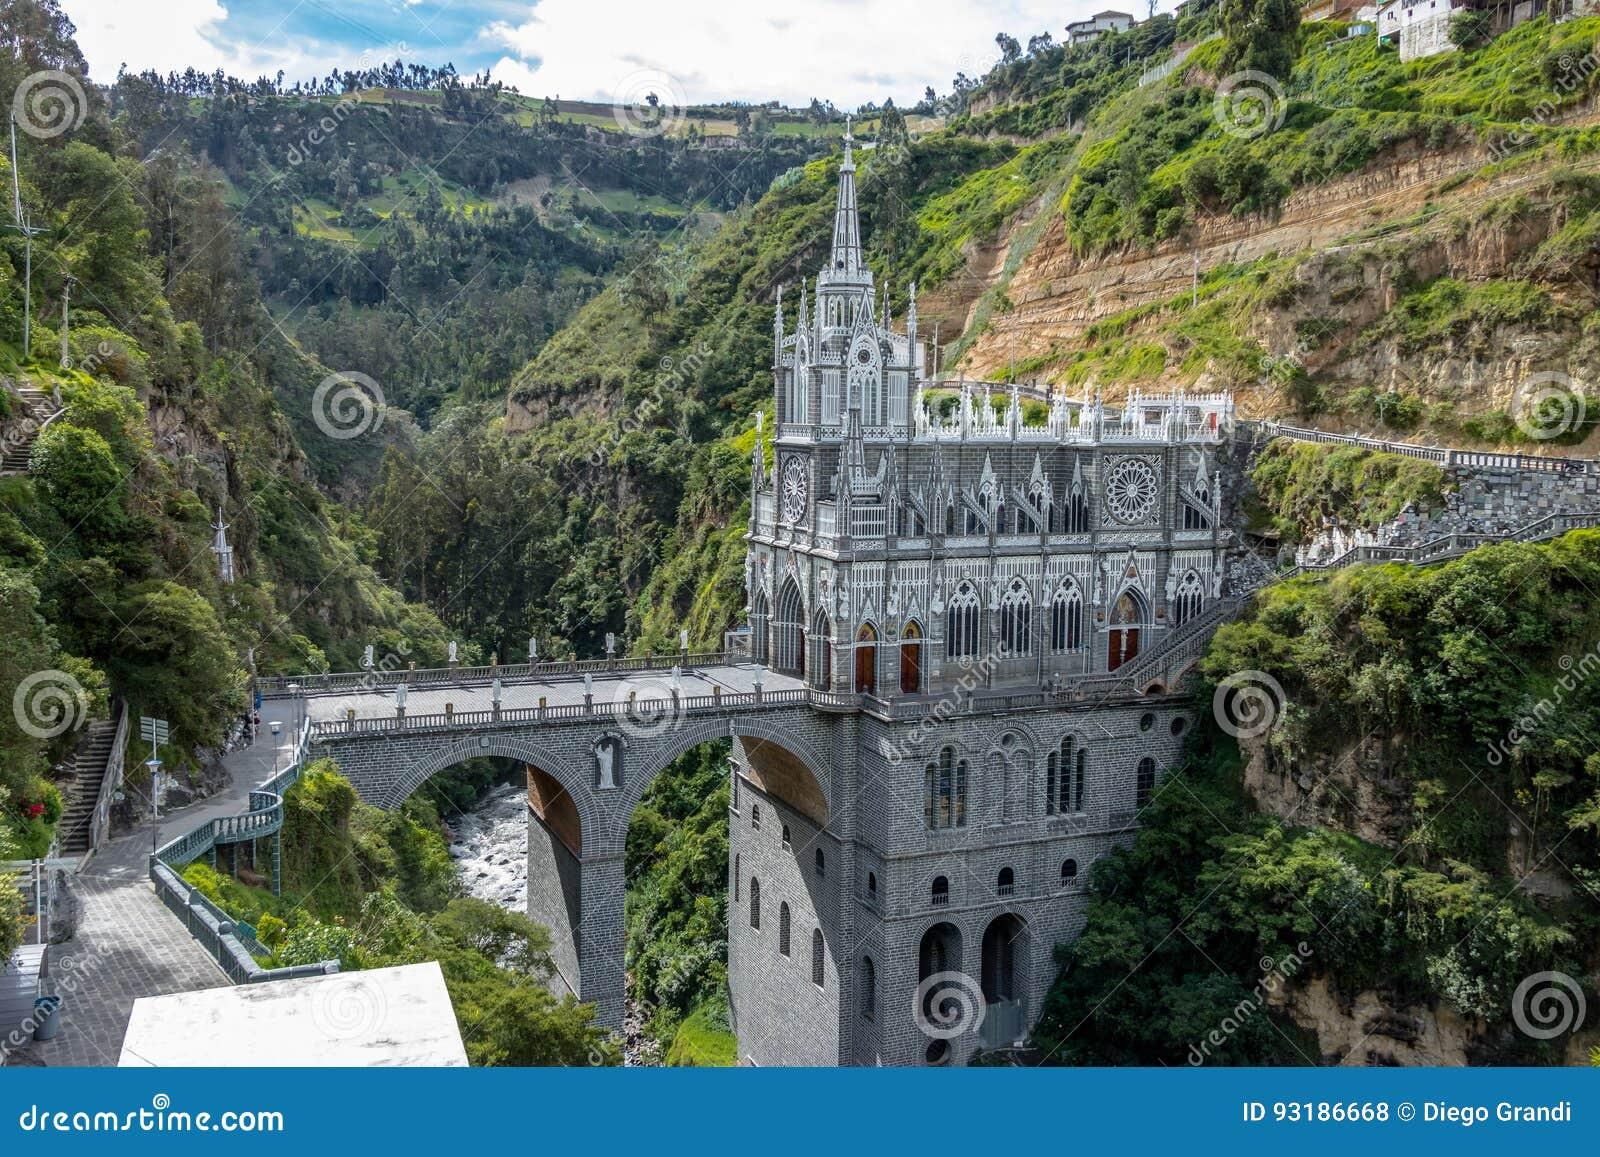 Santuario de Las Lajas - Ipiales, Colombia